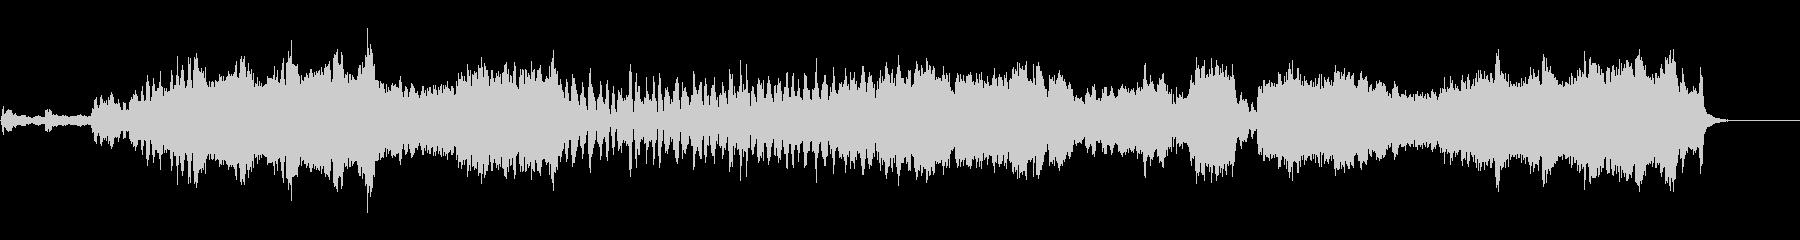 仰々しさが印象的なオーケストラ・サウンドの未再生の波形